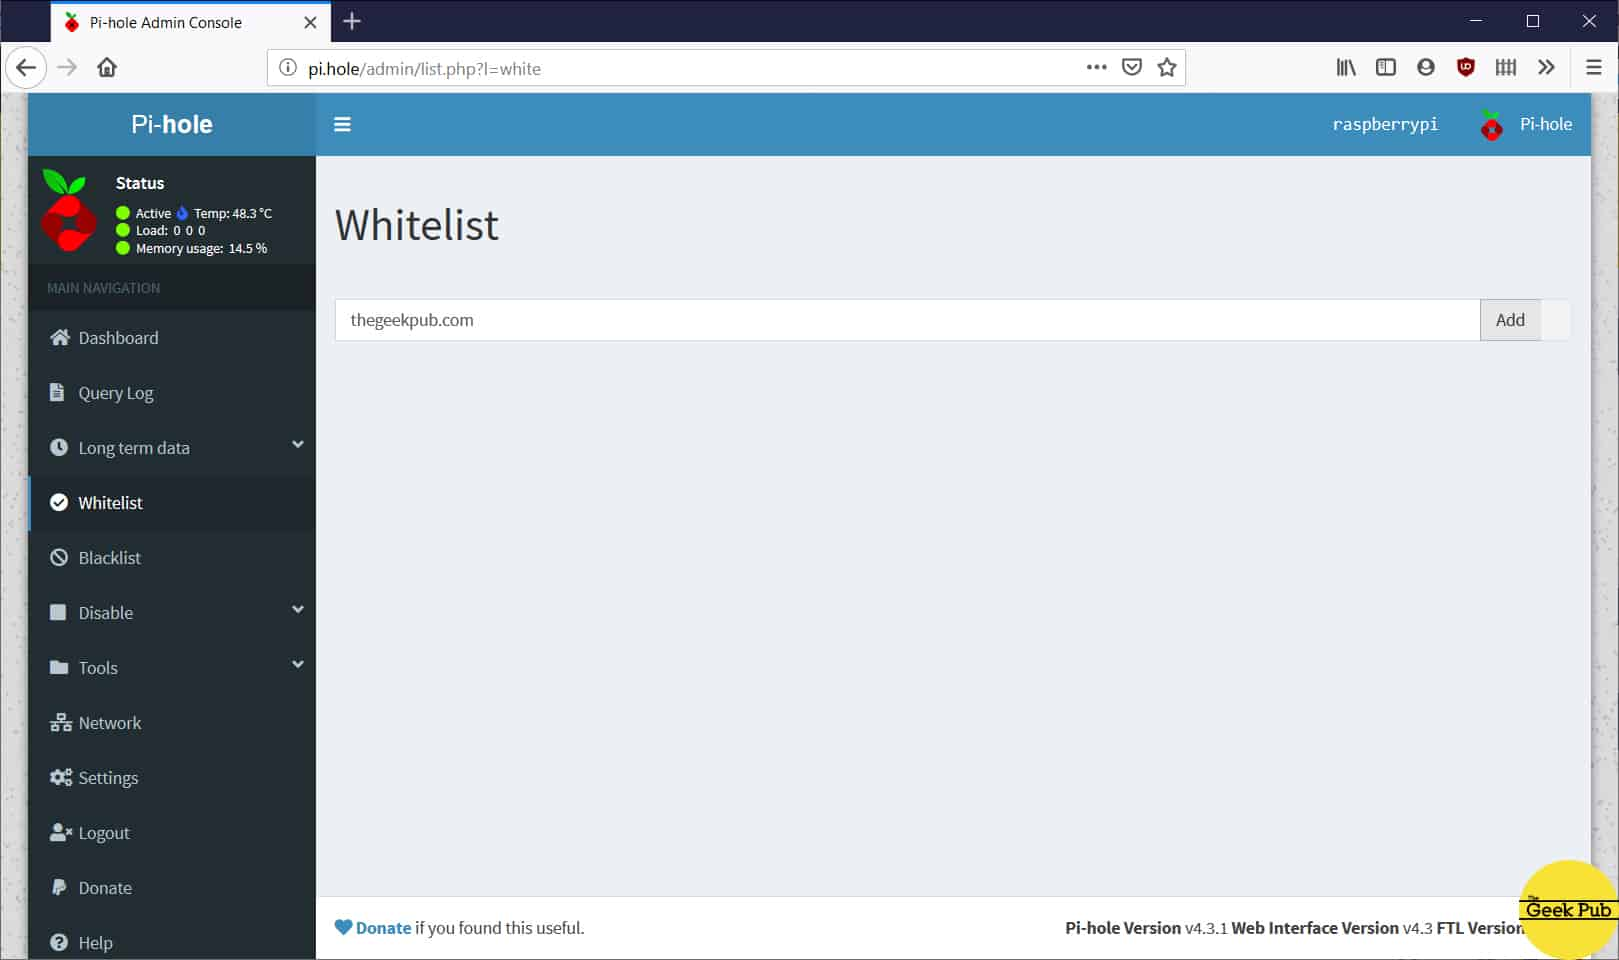 whitelisting sites